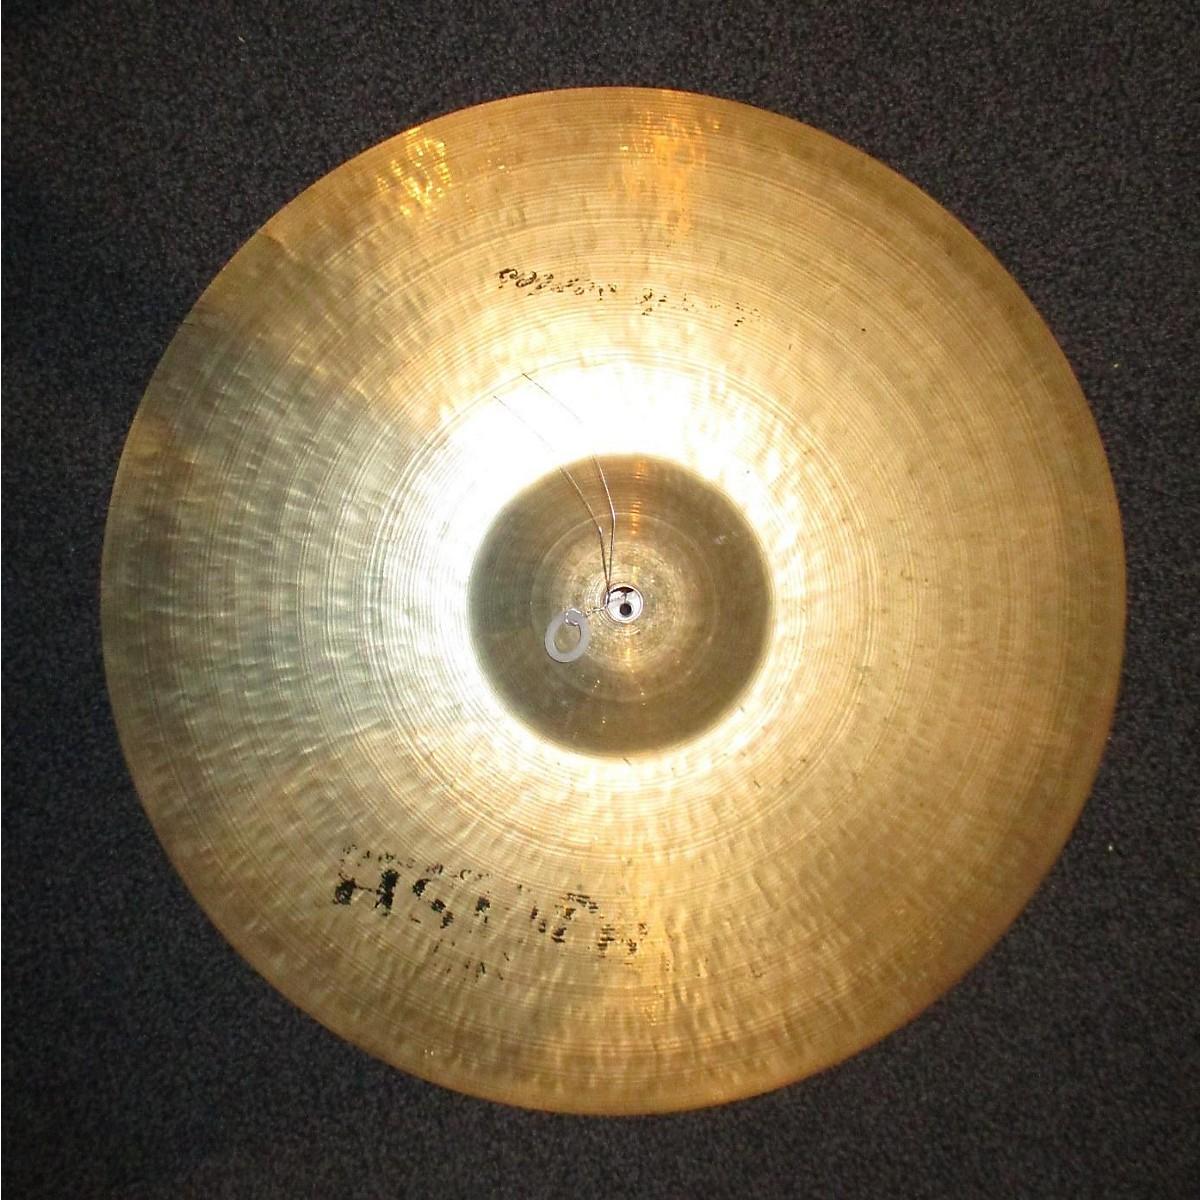 Turkish 16in Moderate Series Cymbal